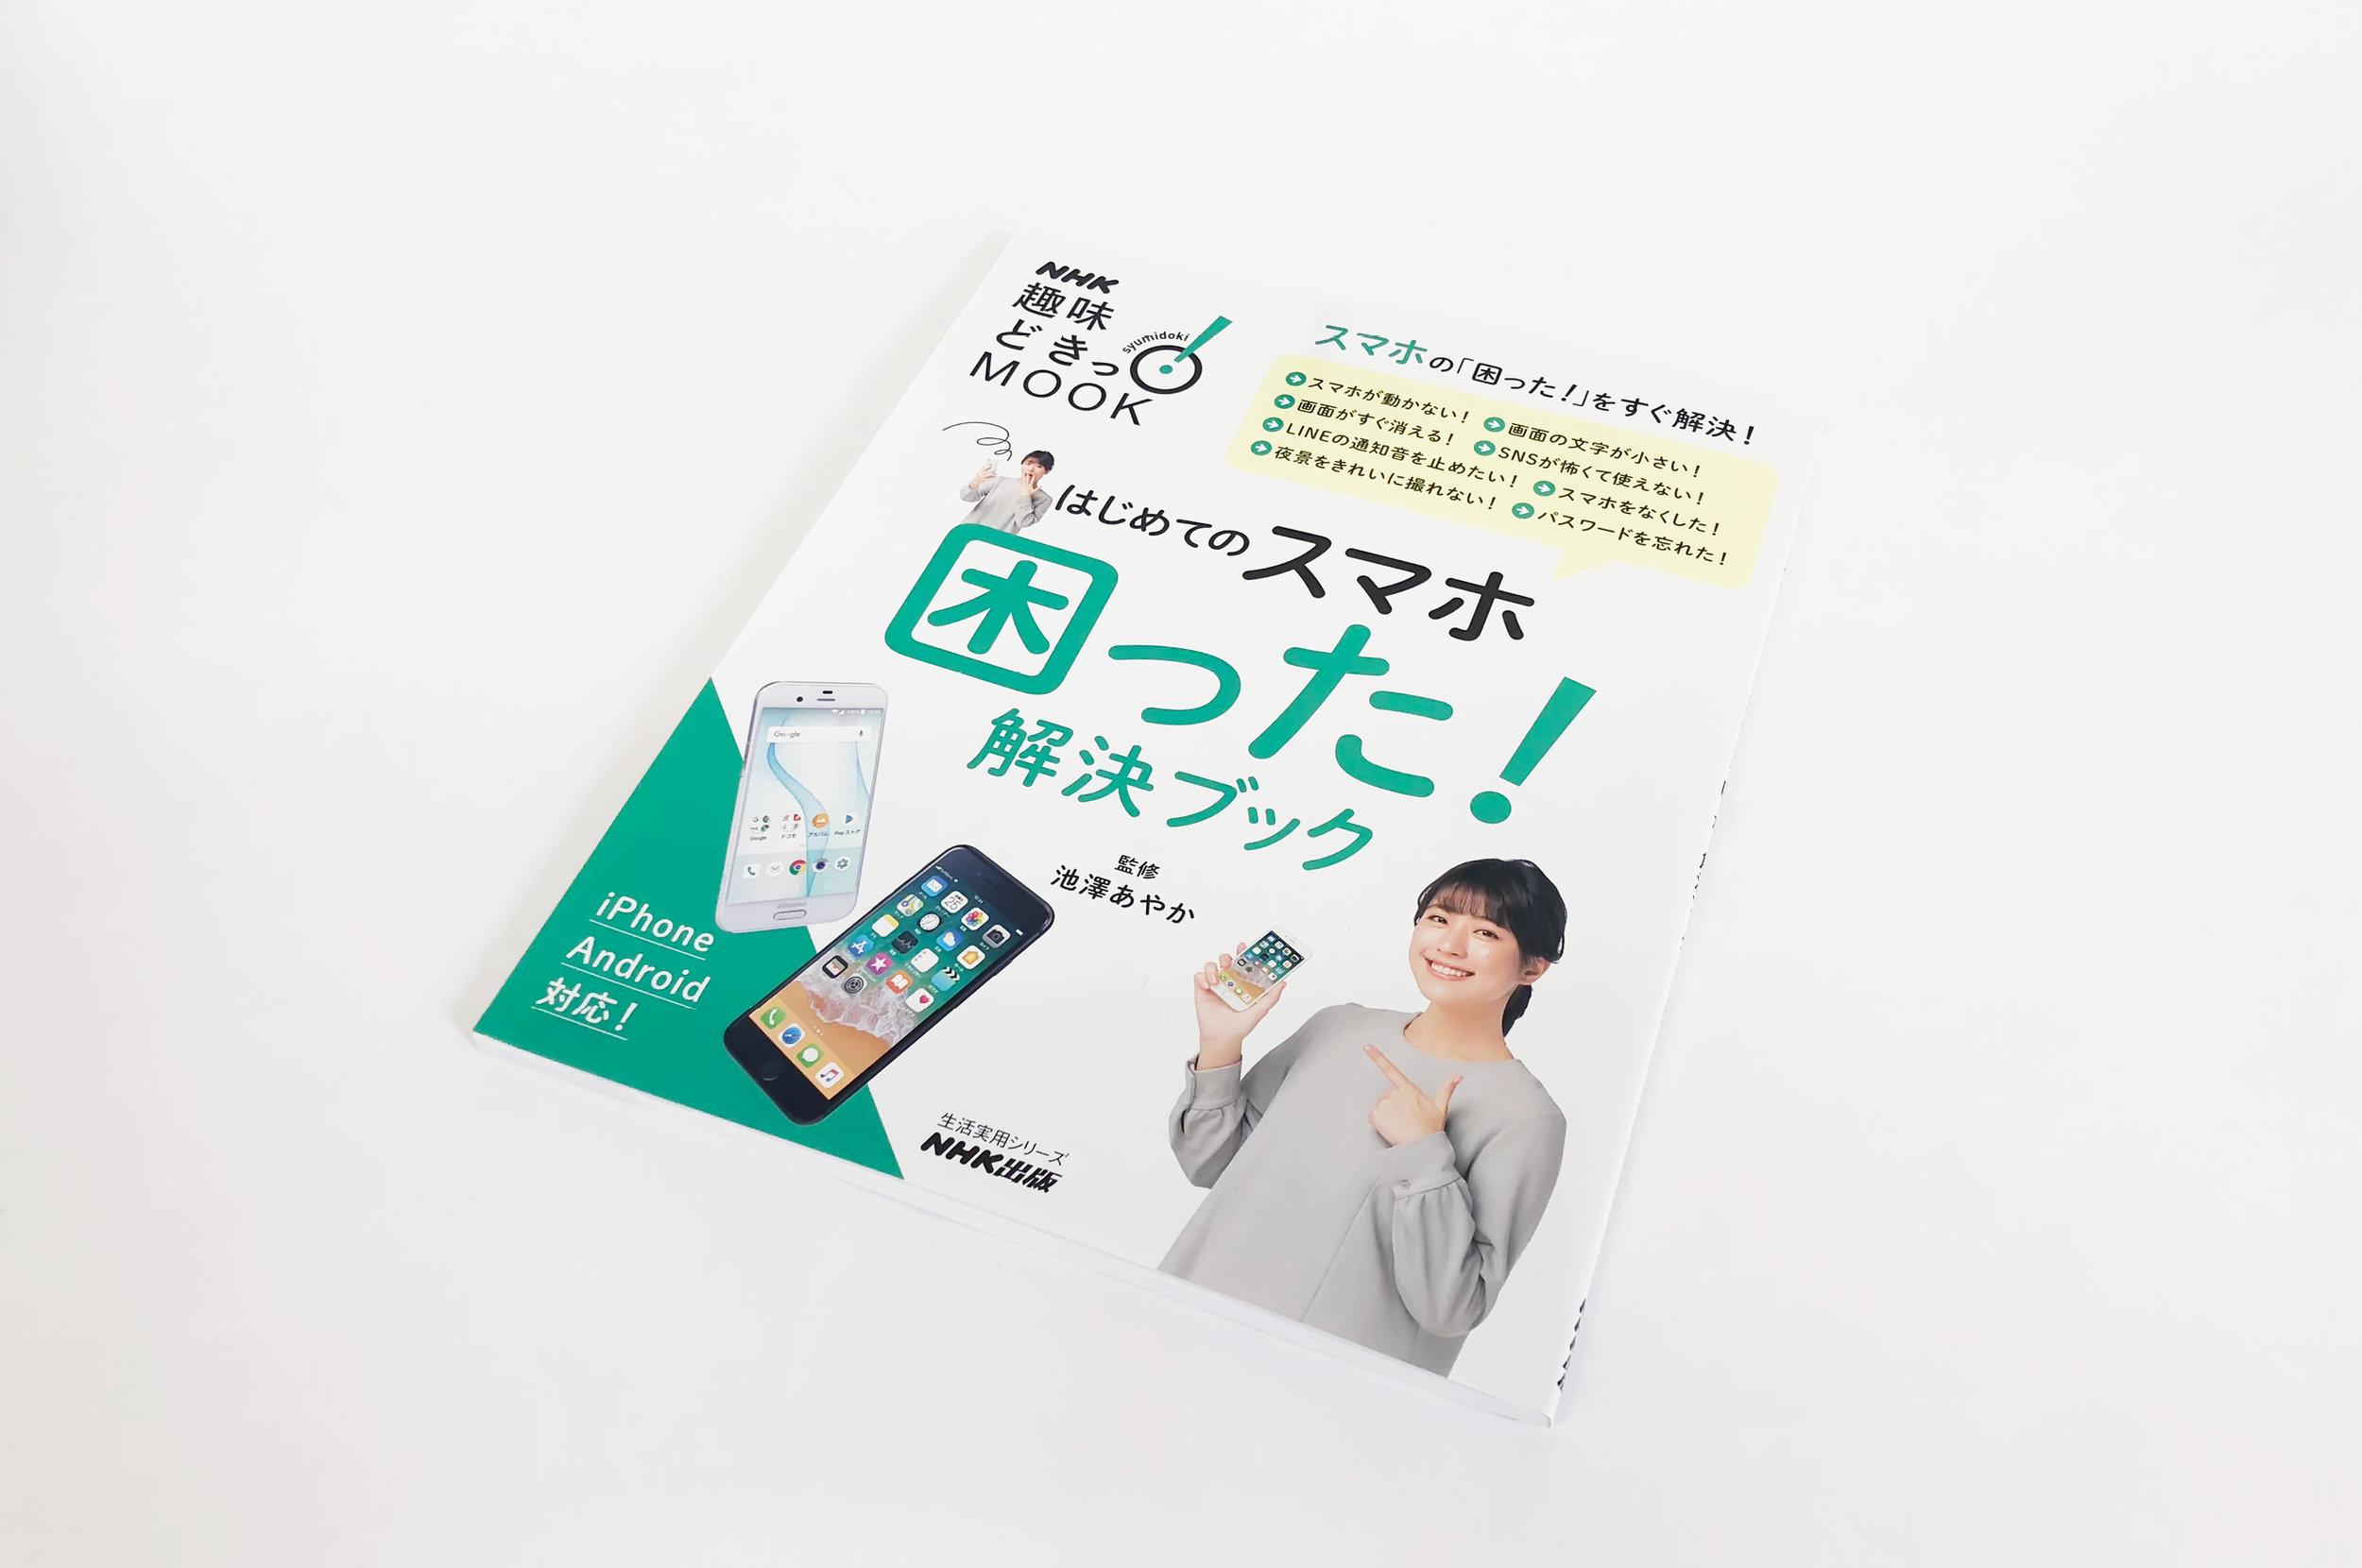 NHK_komatta_1280.jpg